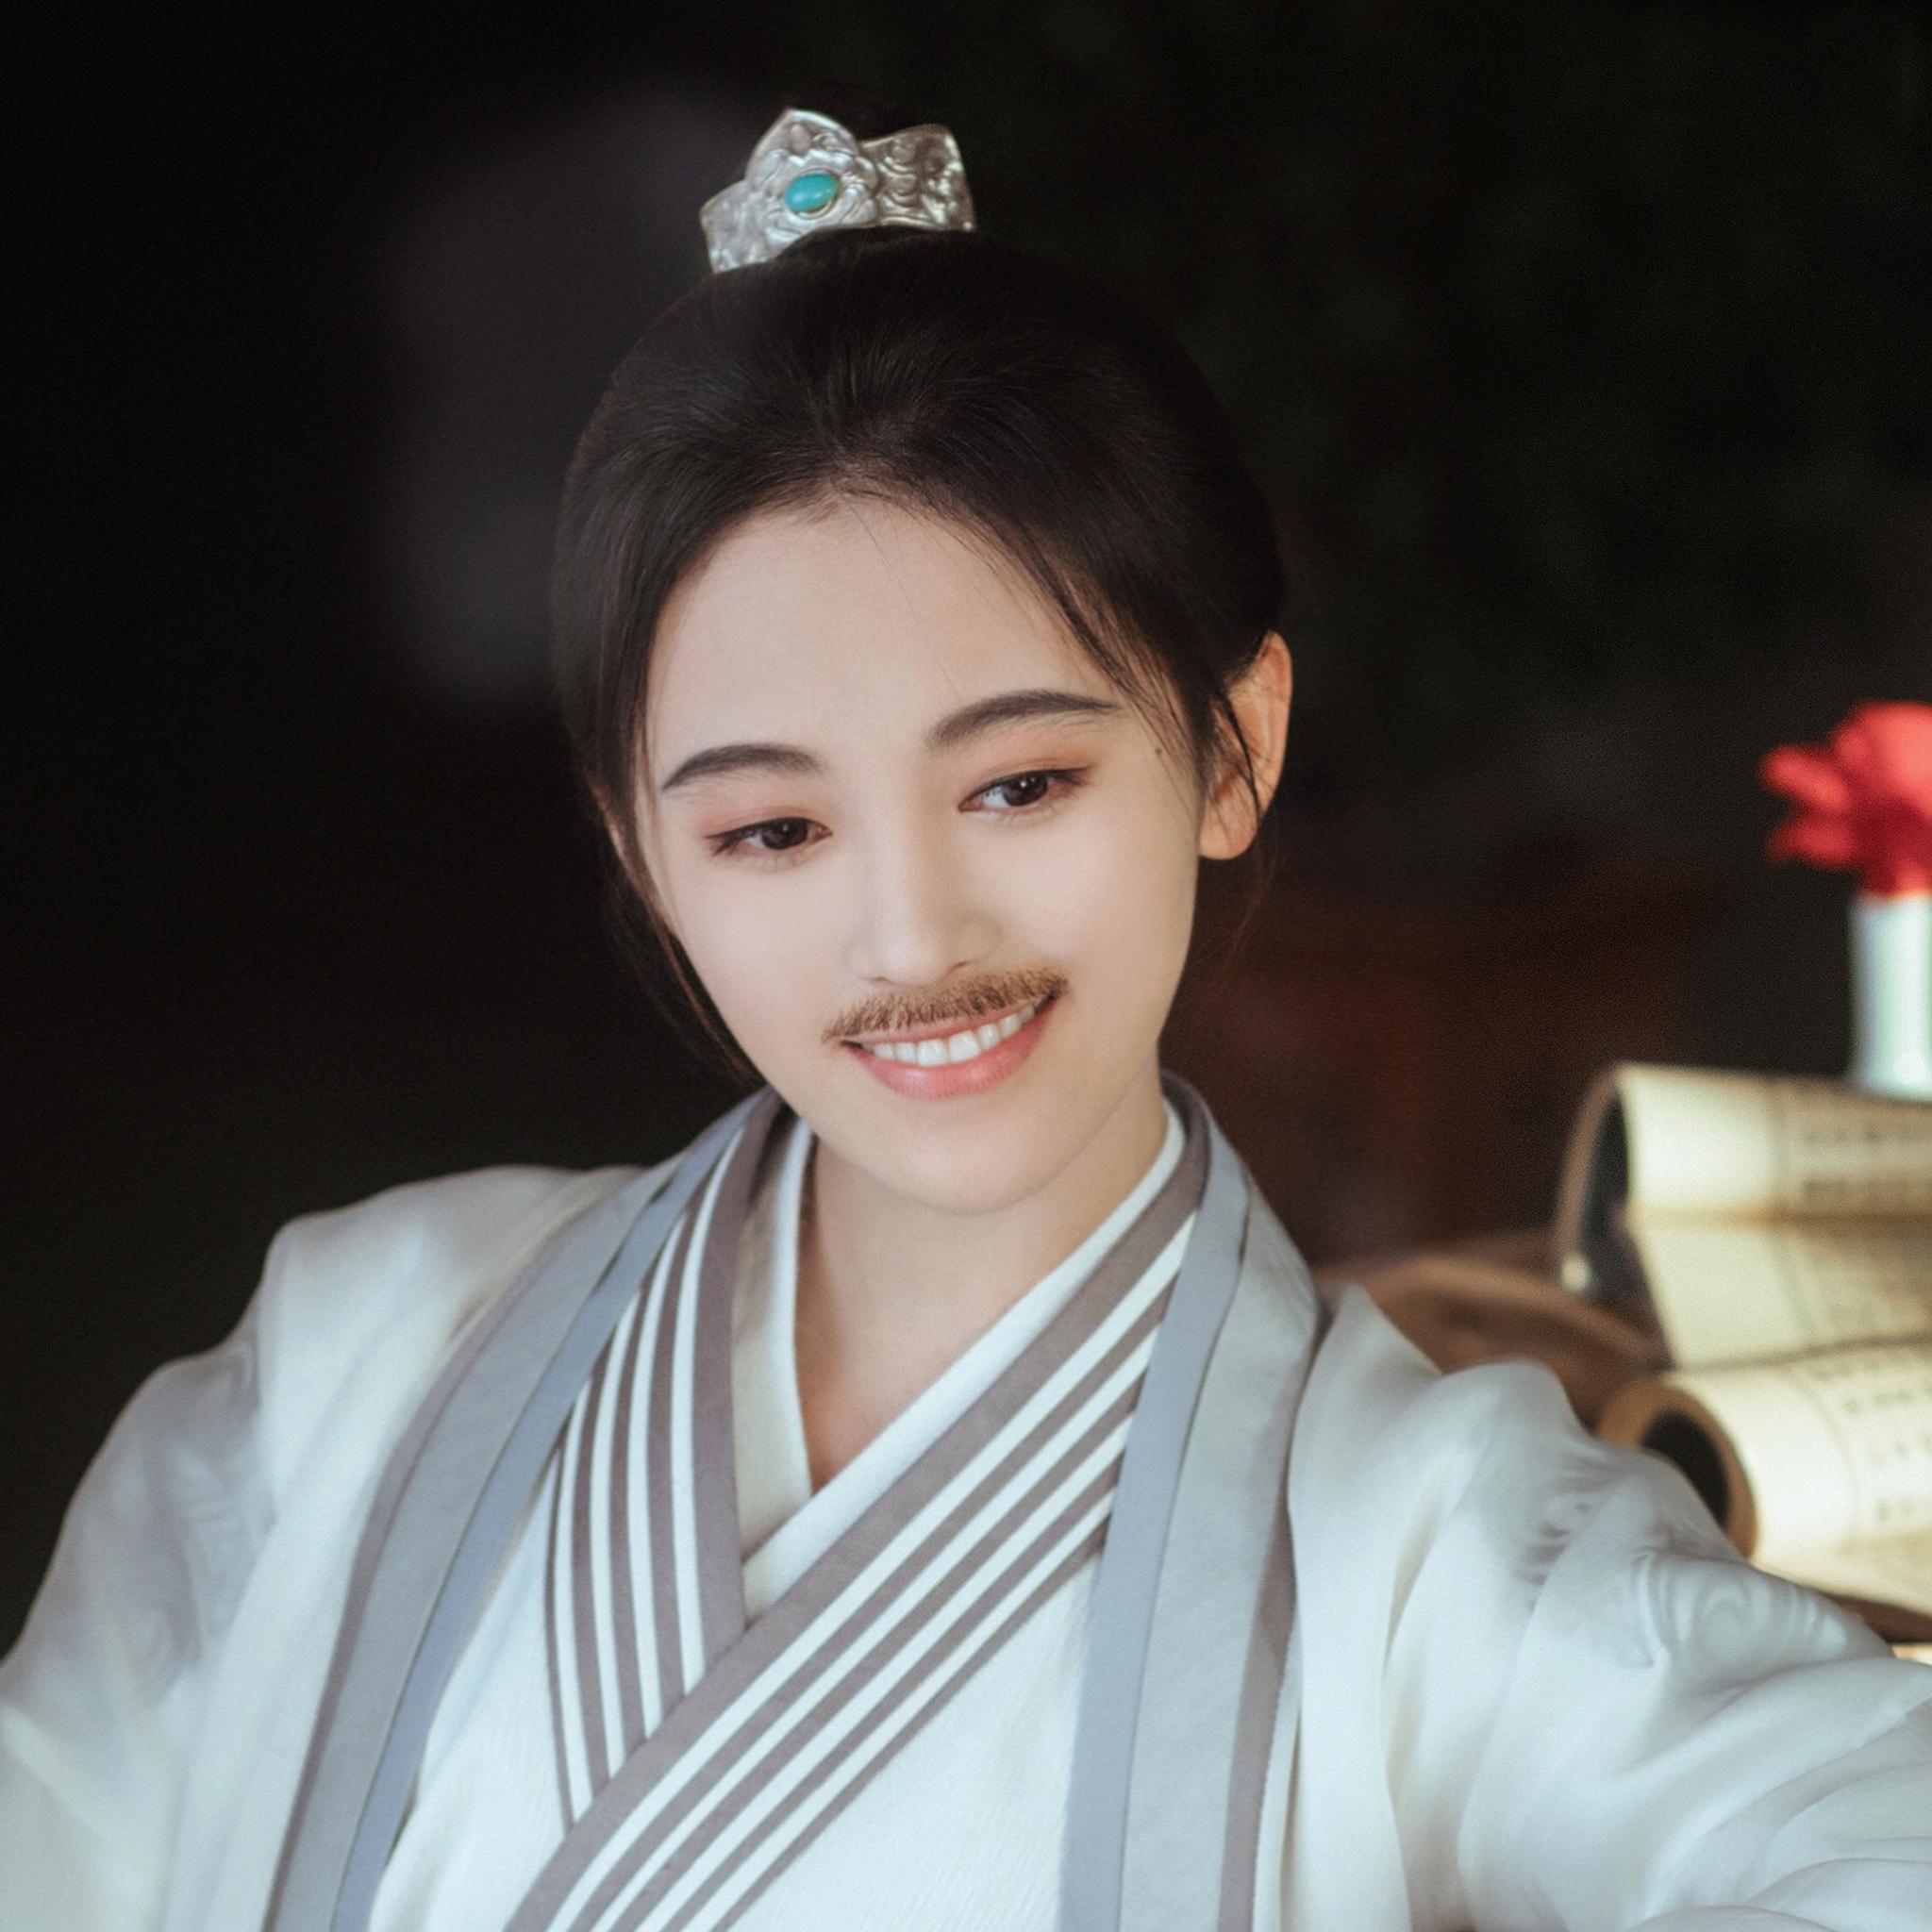 新白娘子古装苹果电视剧姐妹鞠婧白素贞海报电视剧两兄弟两传奇图片